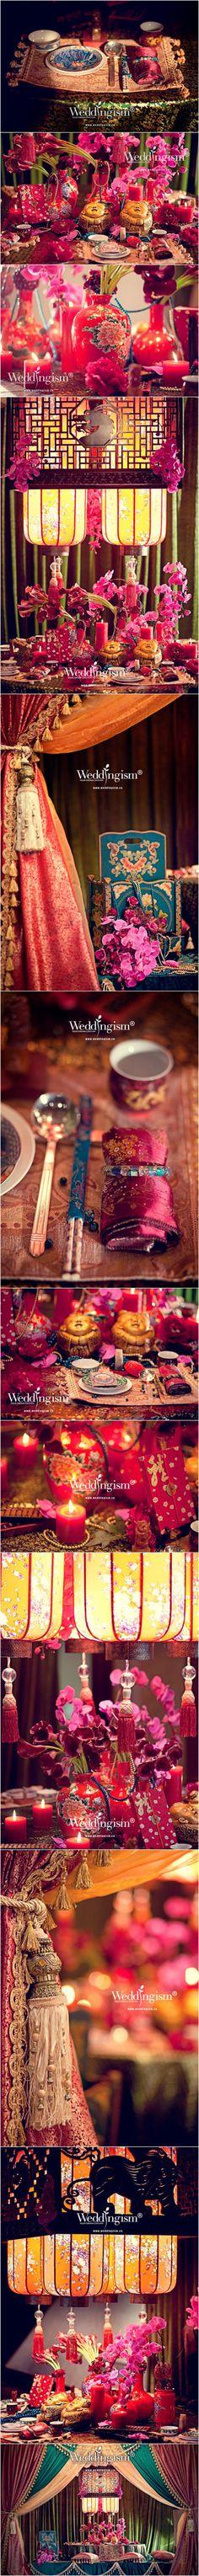 Chinese weddingism